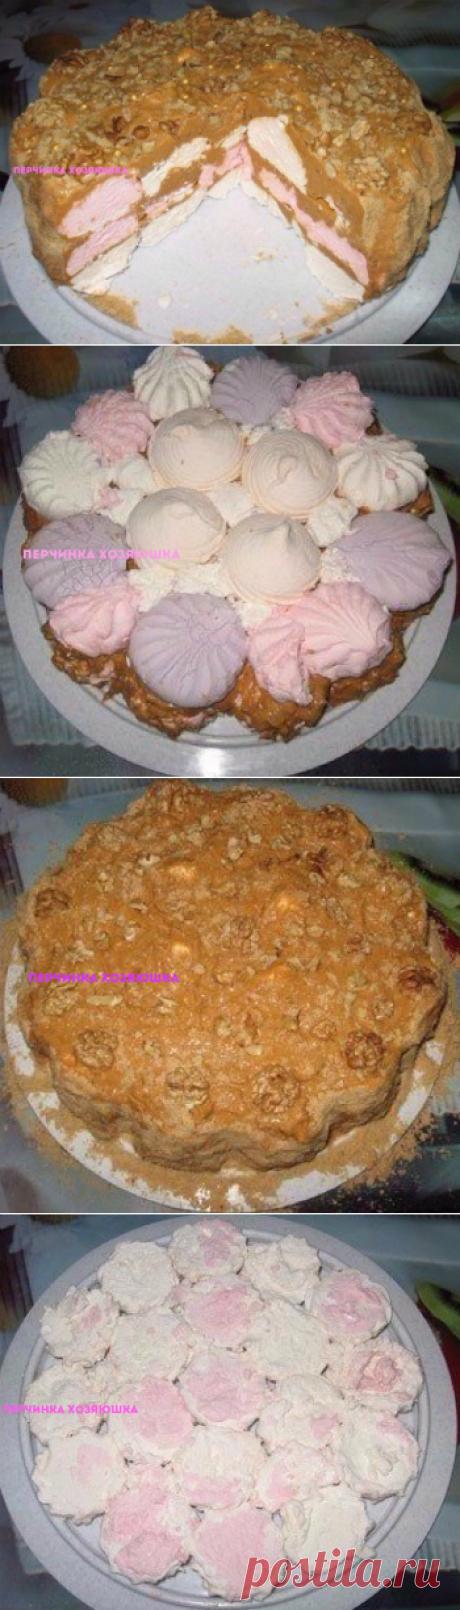 Торт из зефира без выпечки - Перчинка хозяюшка